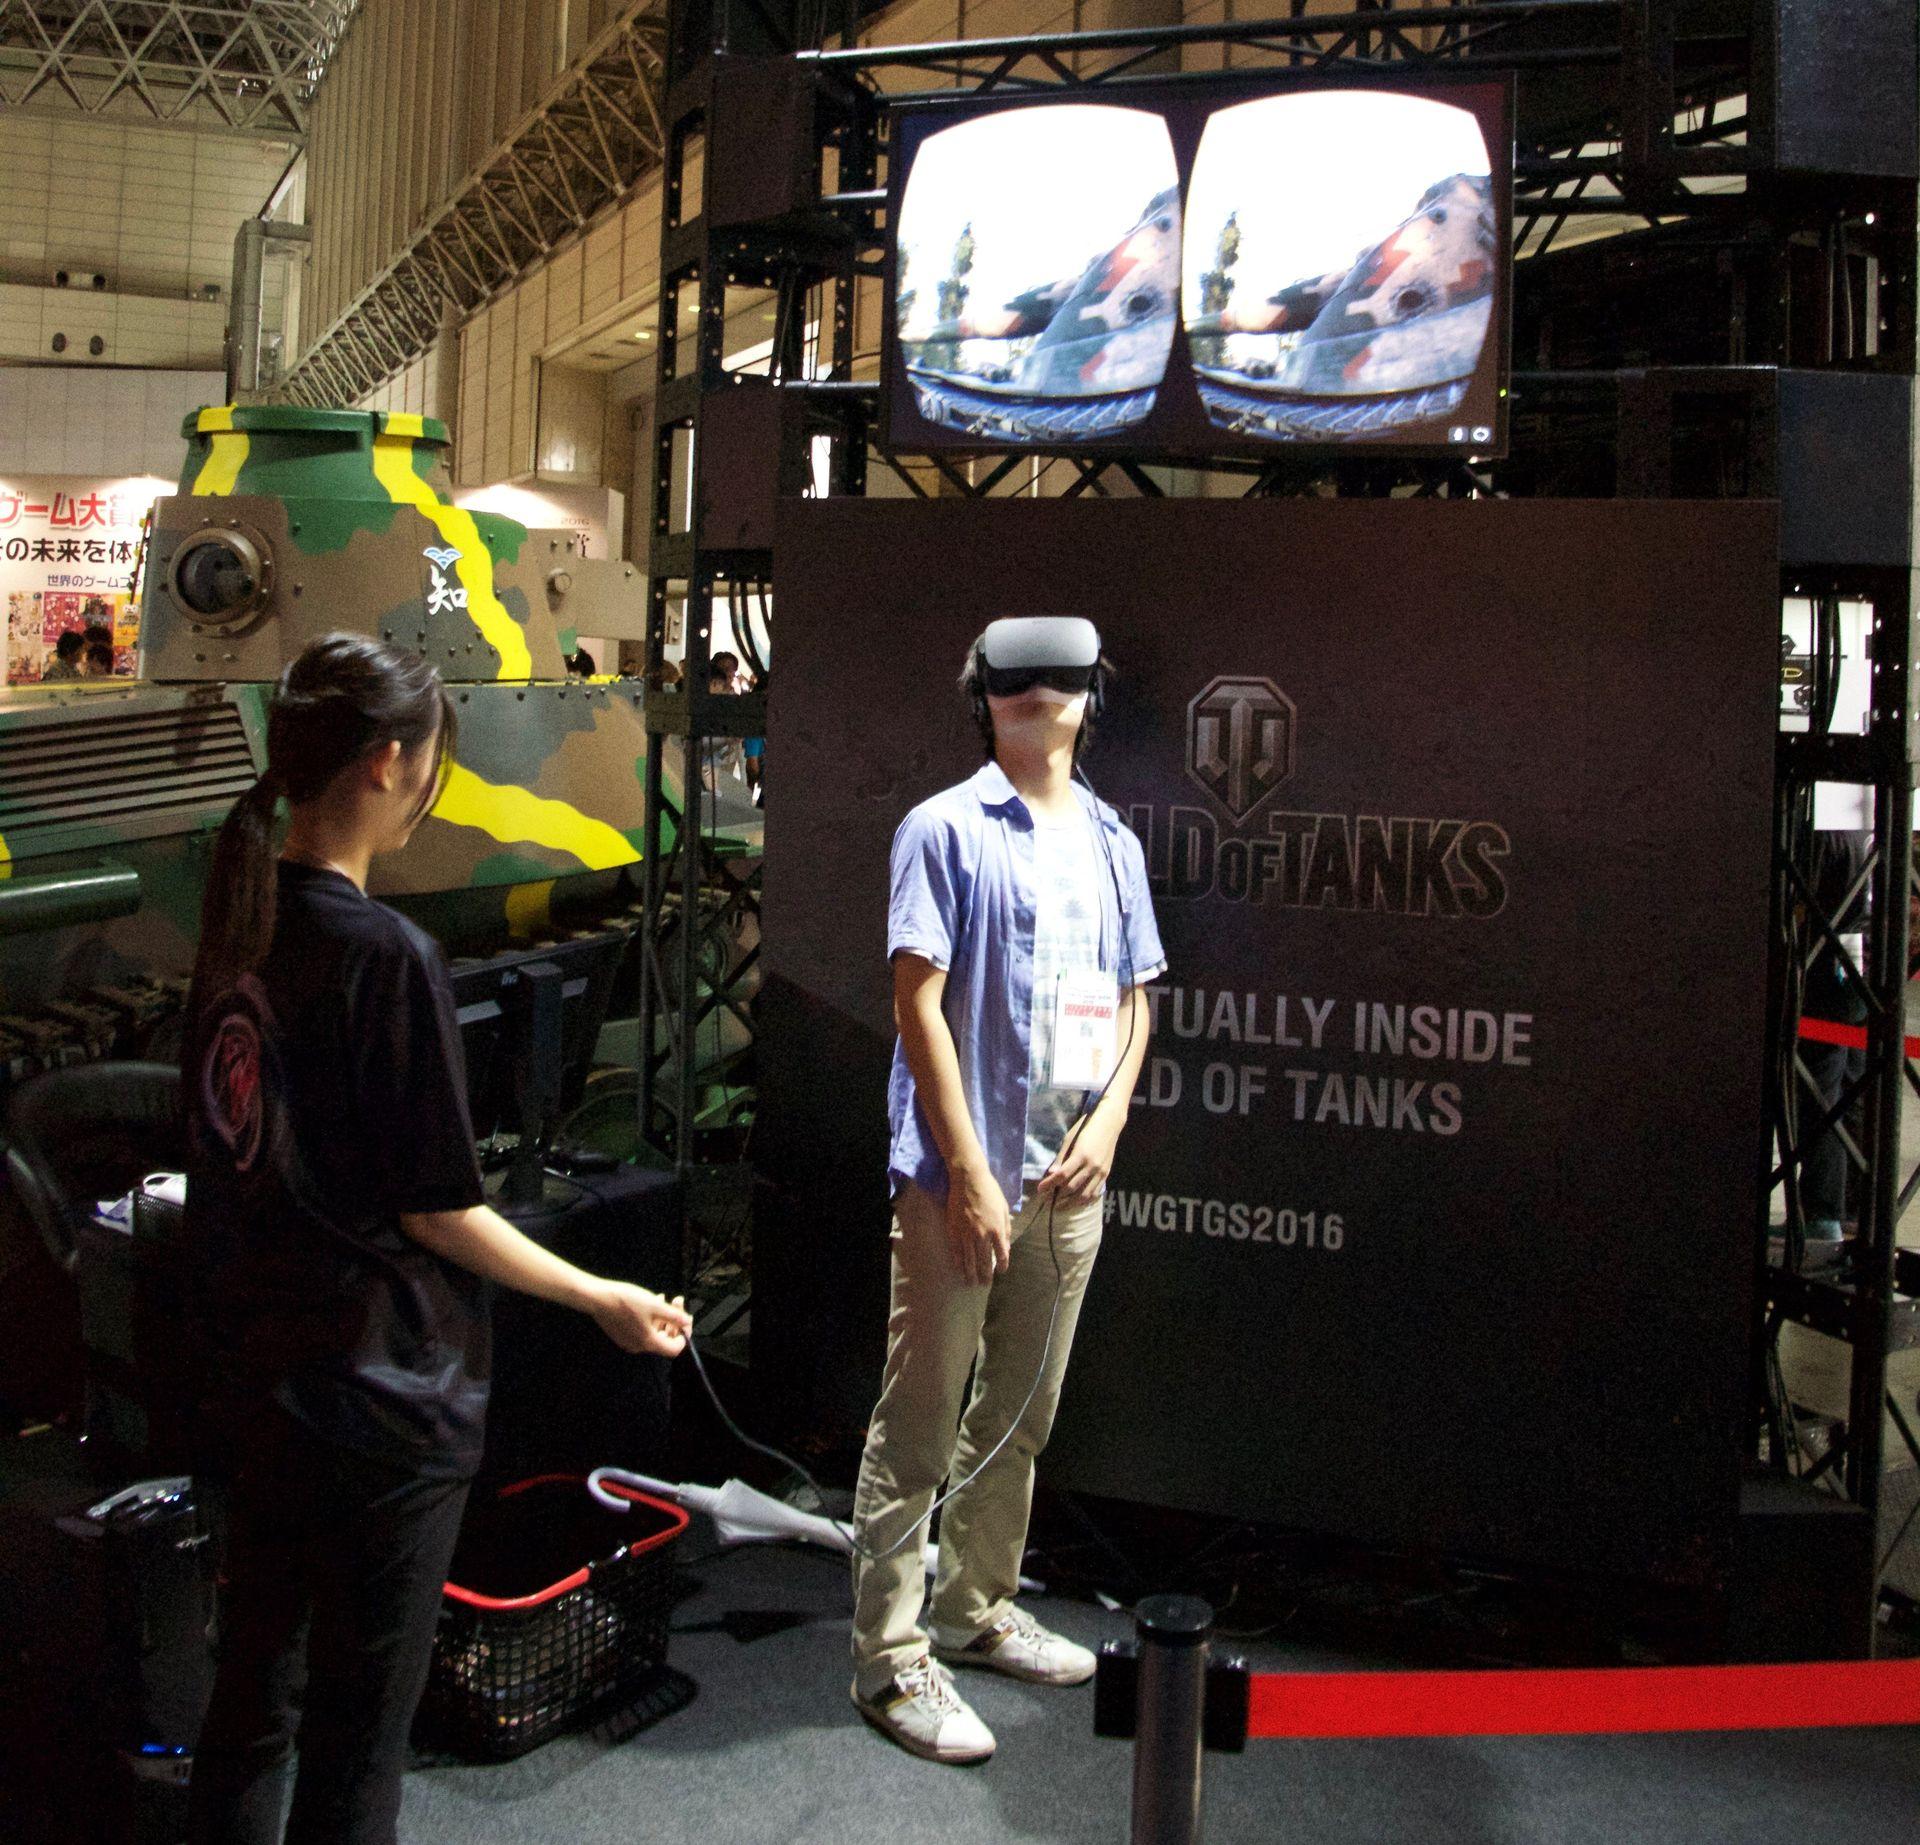 こちらはOculus Riftを使ってWoTの世界に入り込めるというもの